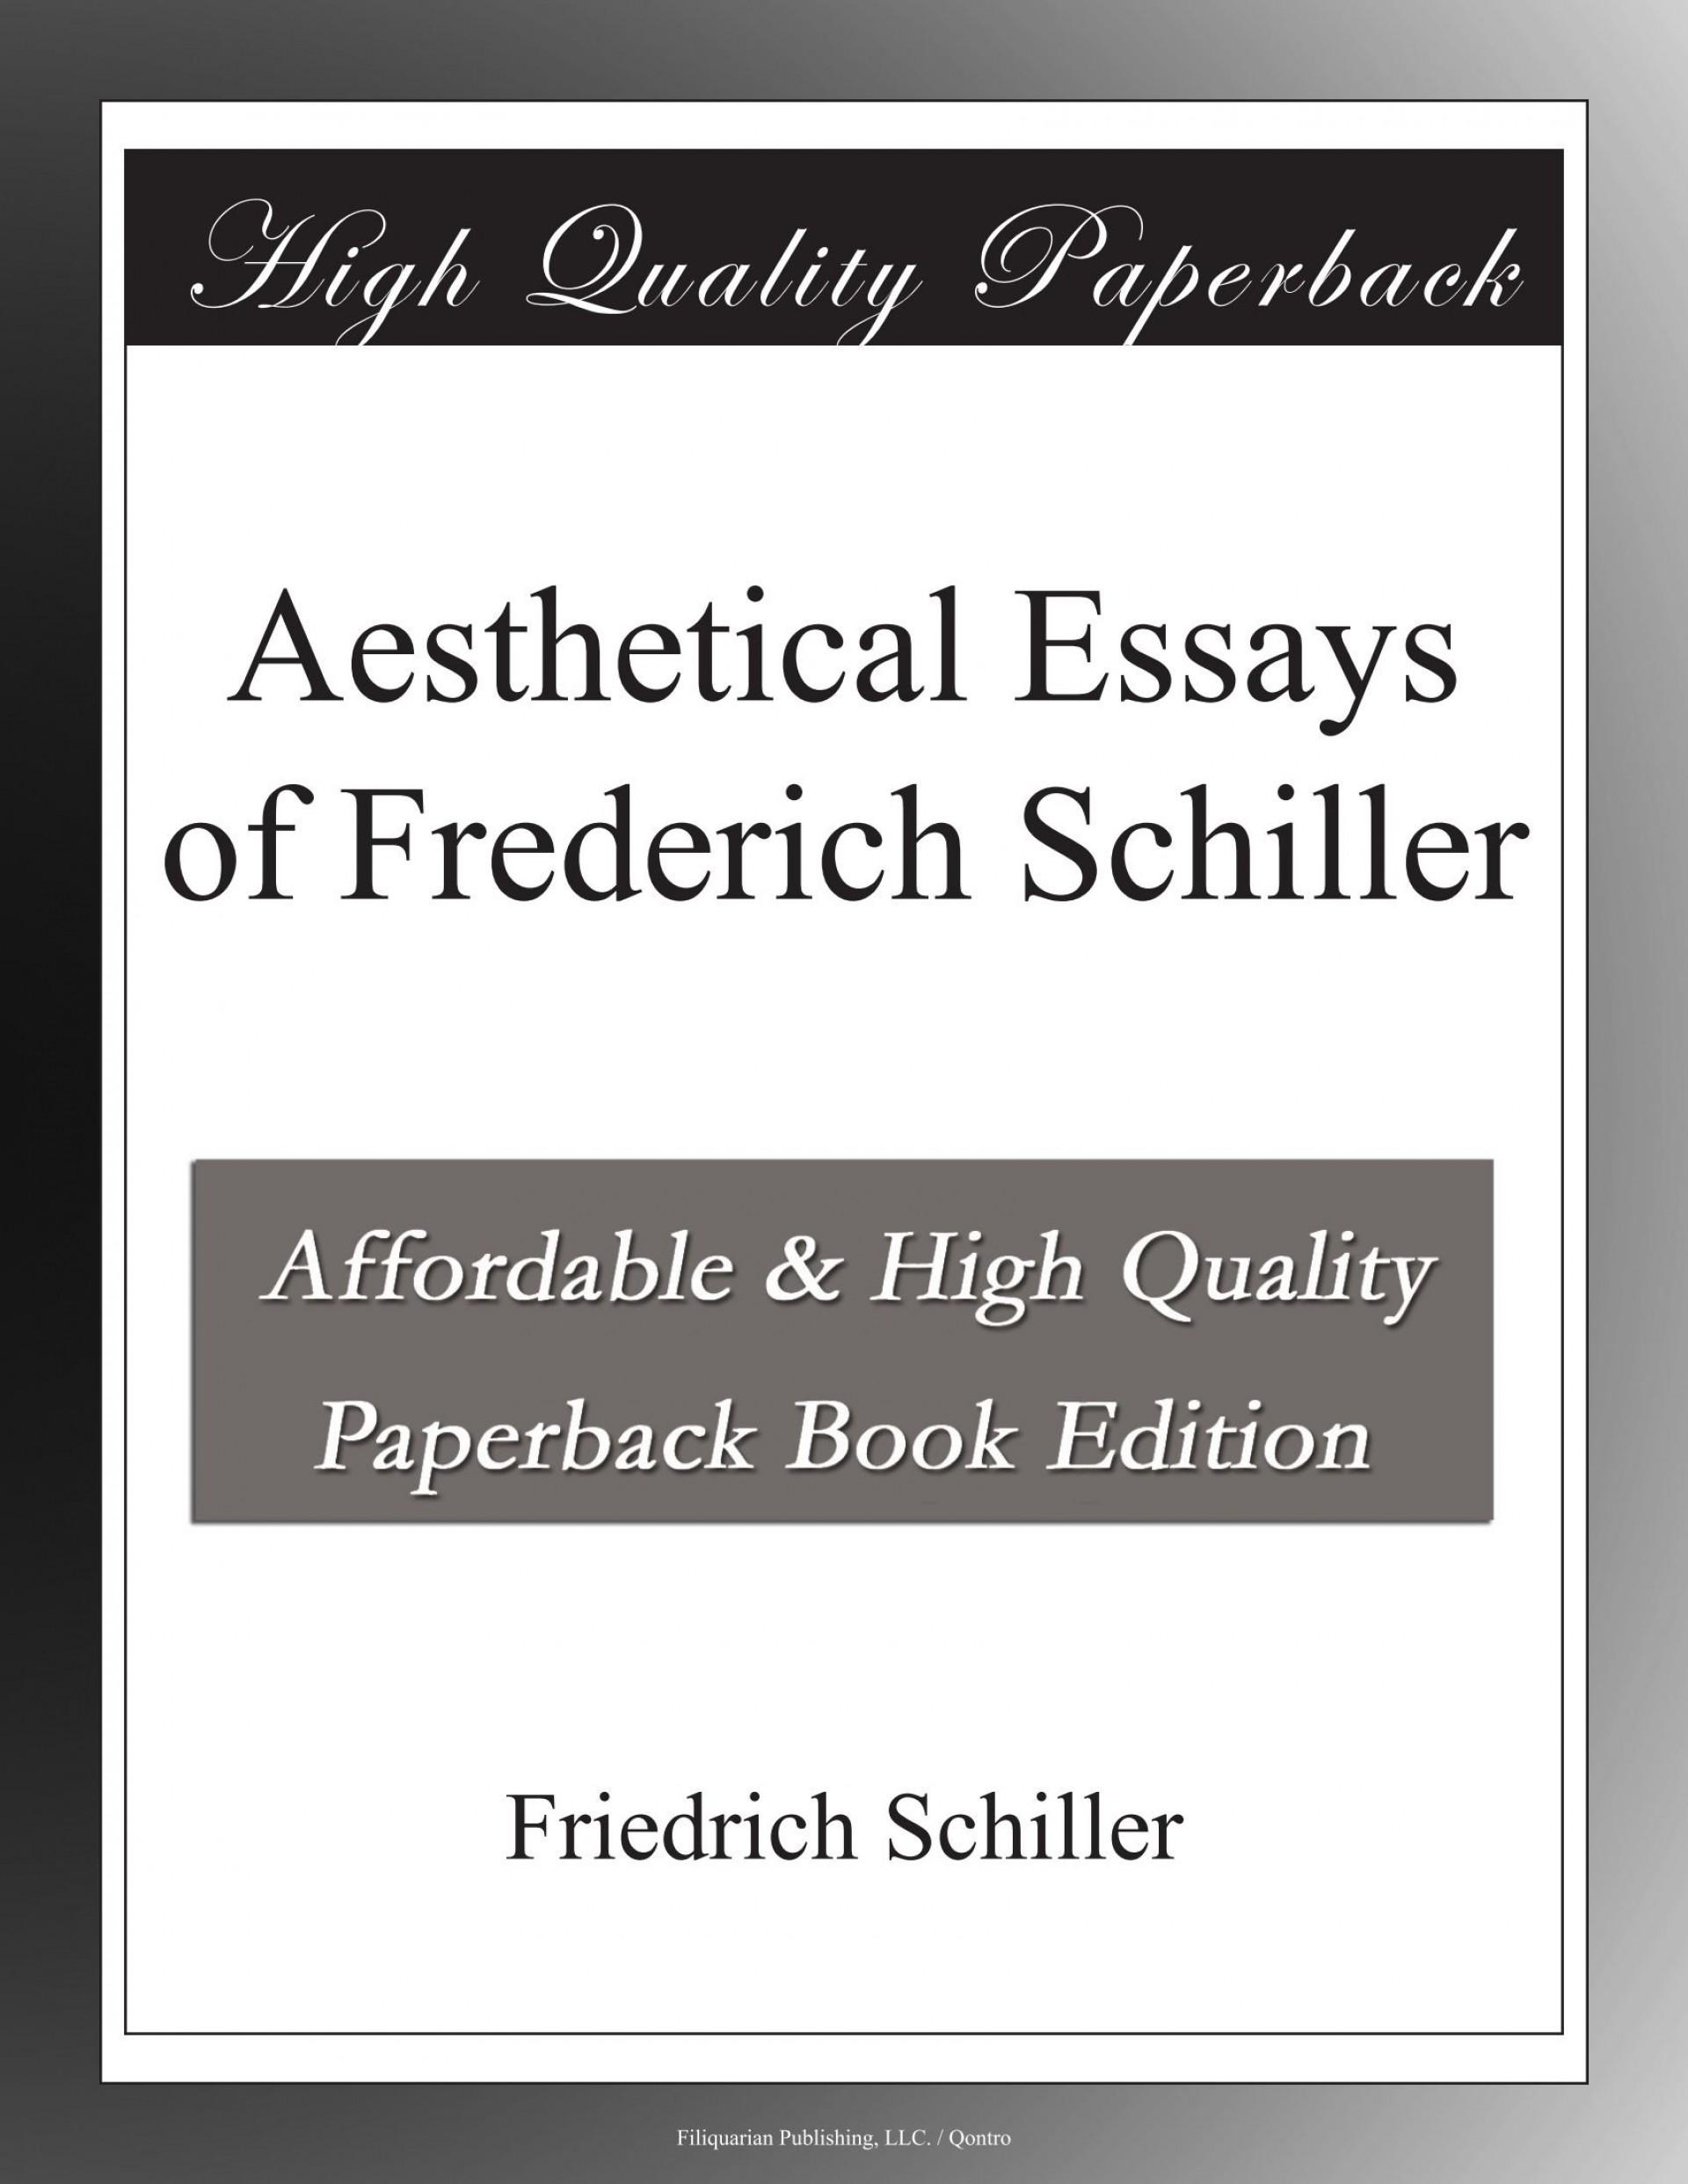 007 Essay Example Schiller Essays Awful Friedrich 1920